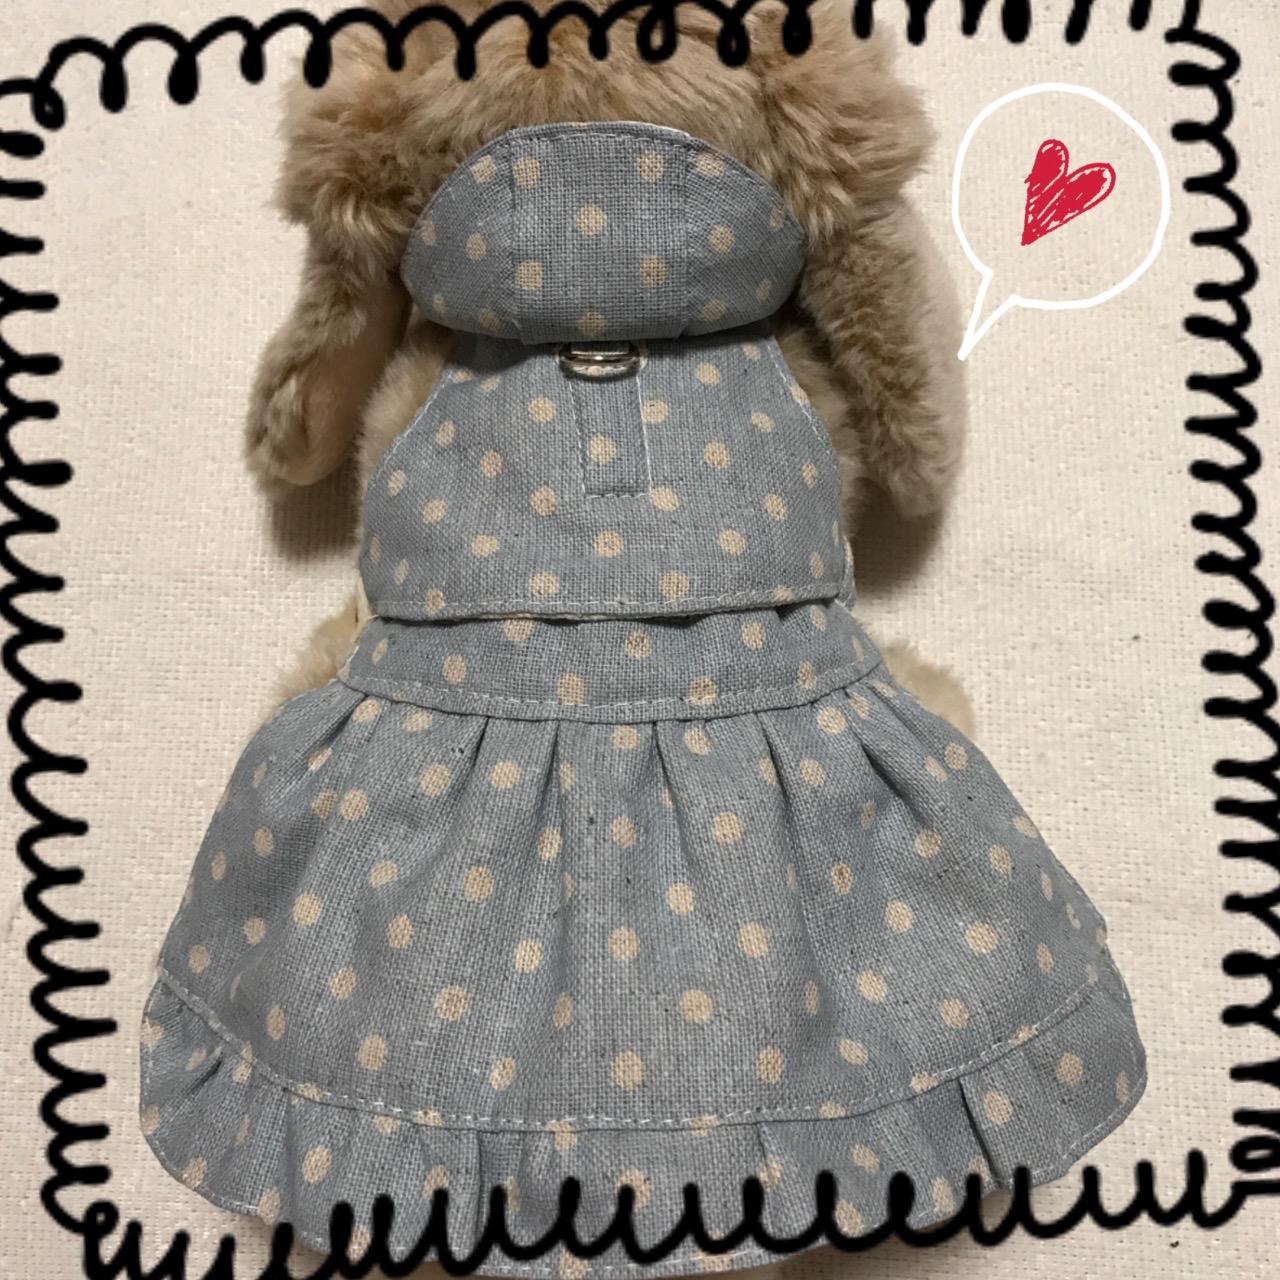 ハーネスにスカートをセットした、しのりんオリジナルのセットアップ商品です。ハーネスのみでも使用できます。スカートは両面リバーシブルで使用できます。おしゃれしたい時はスカートを装着すればいろいろな着こなしができます。